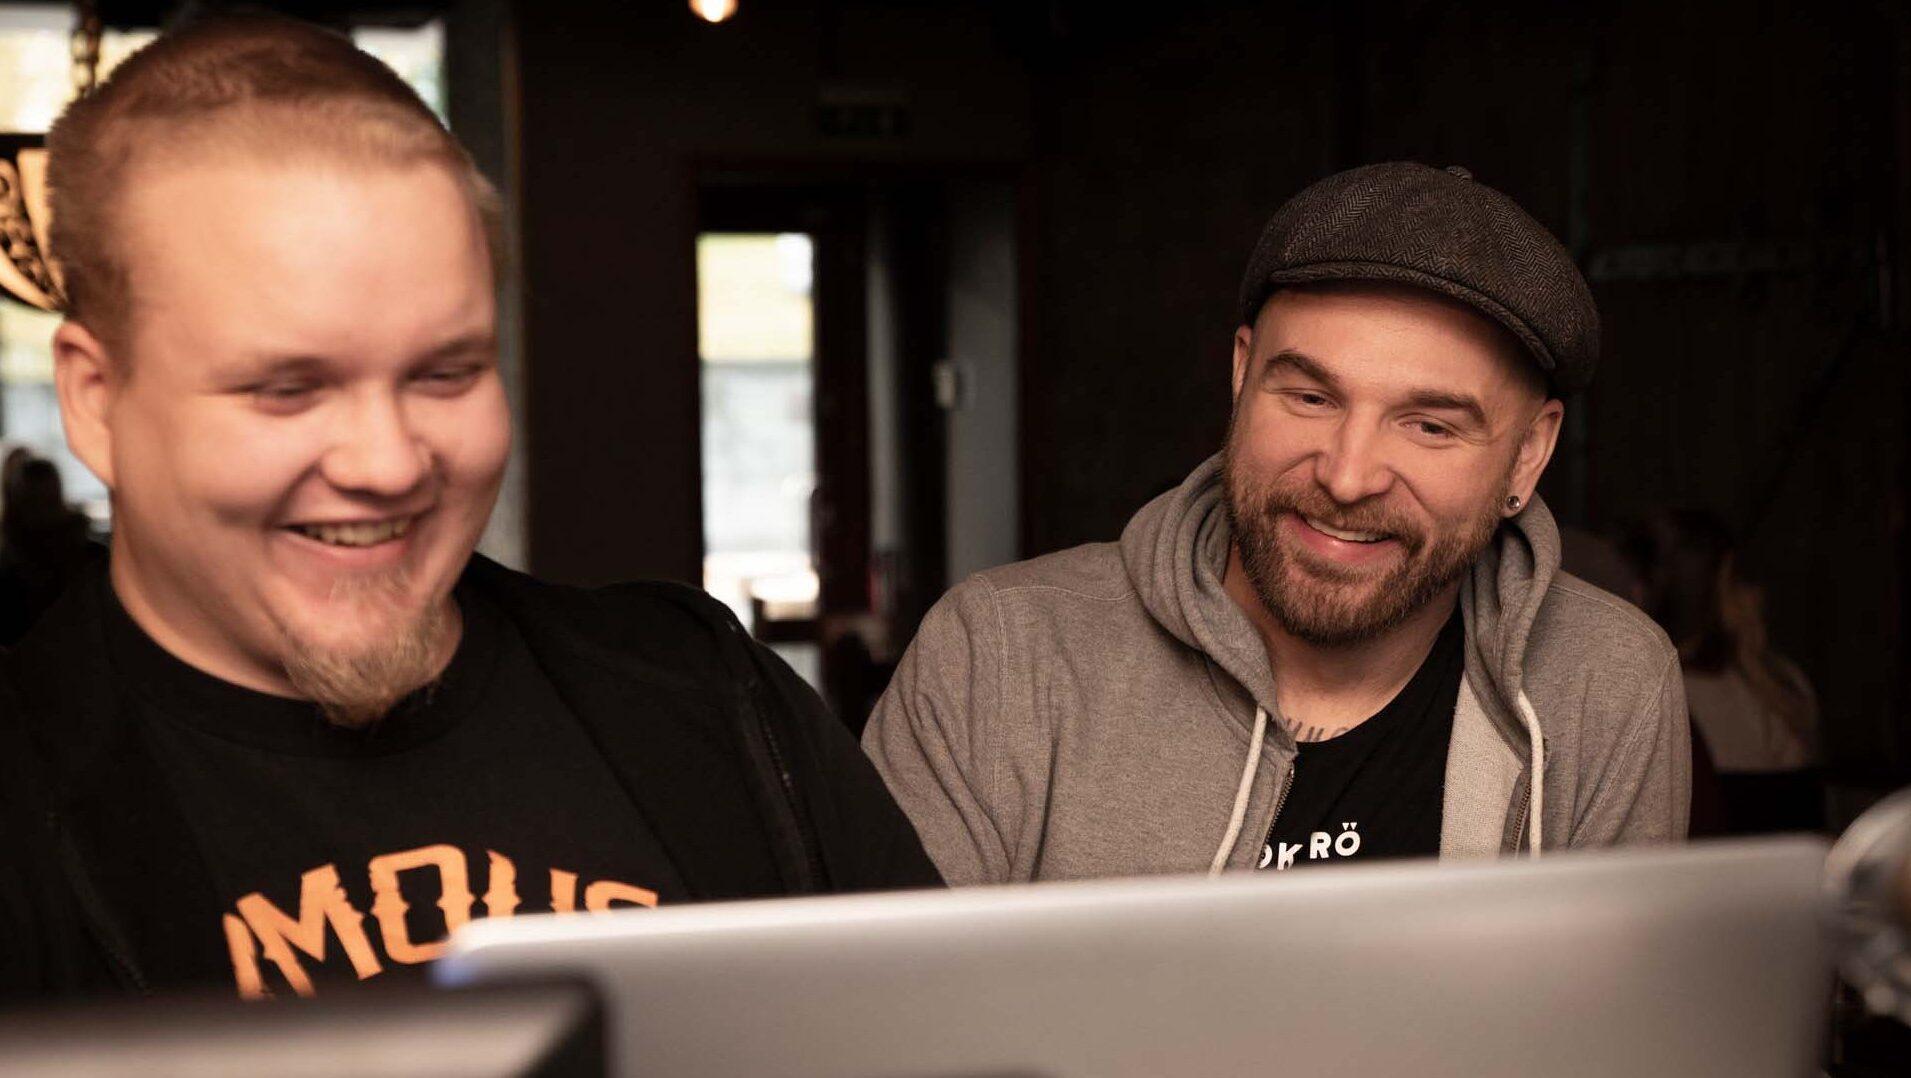 Kaksi miestä tietokoneen ääressä.